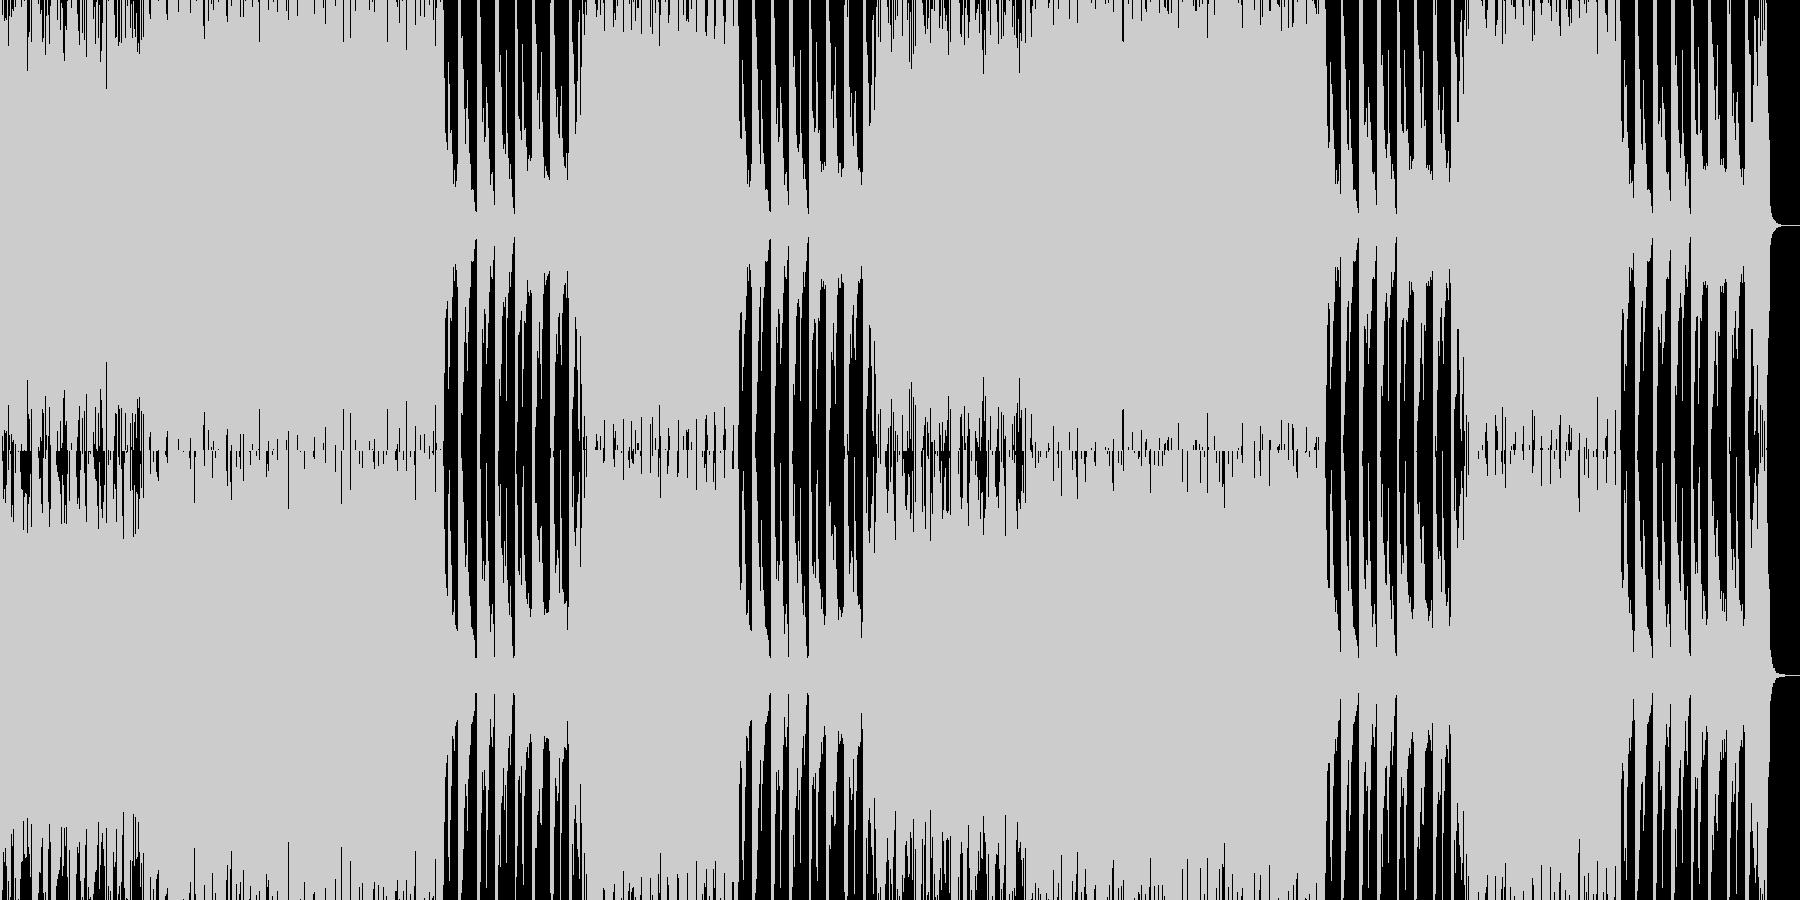 緊迫感のあるへヴィな戦闘曲の未再生の波形